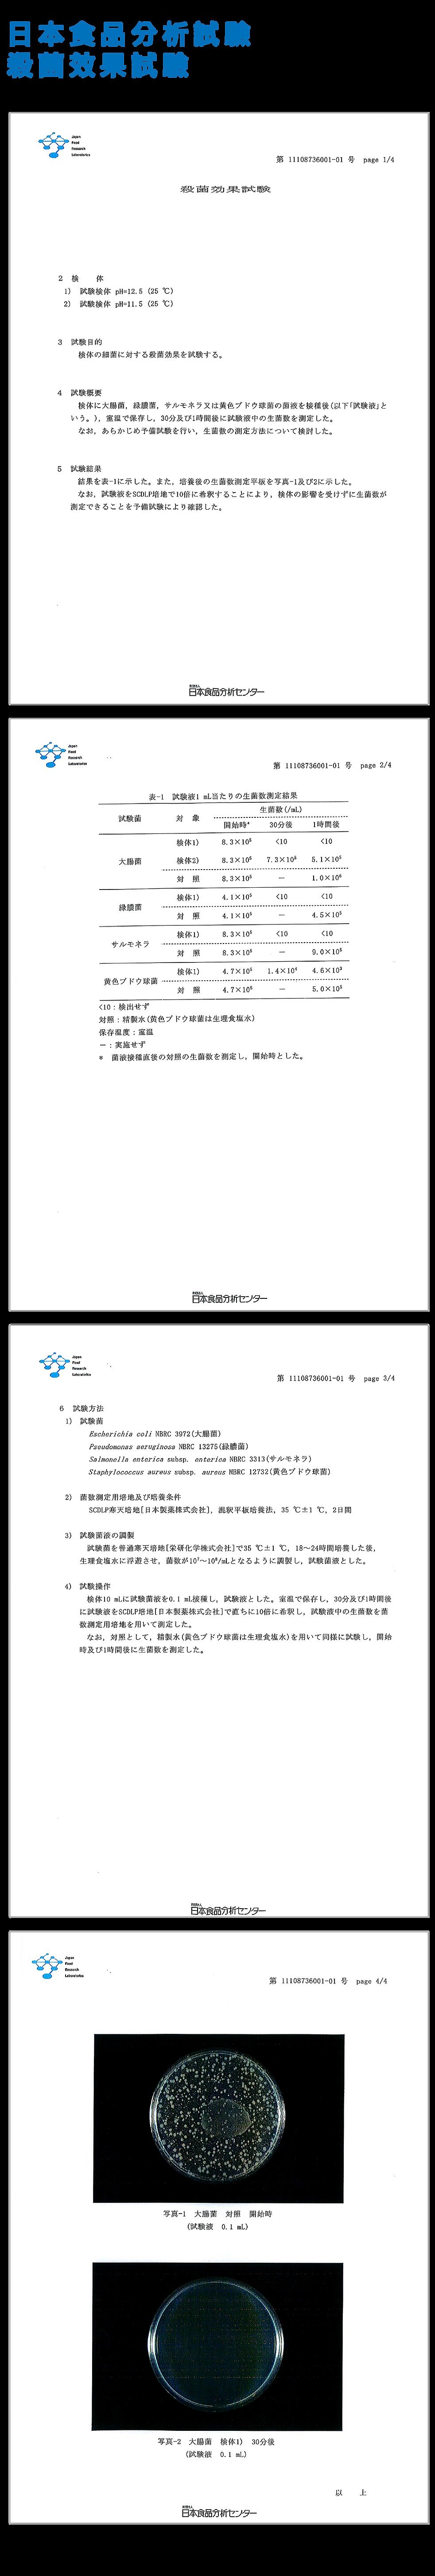 日本食品分析-殺菌.png